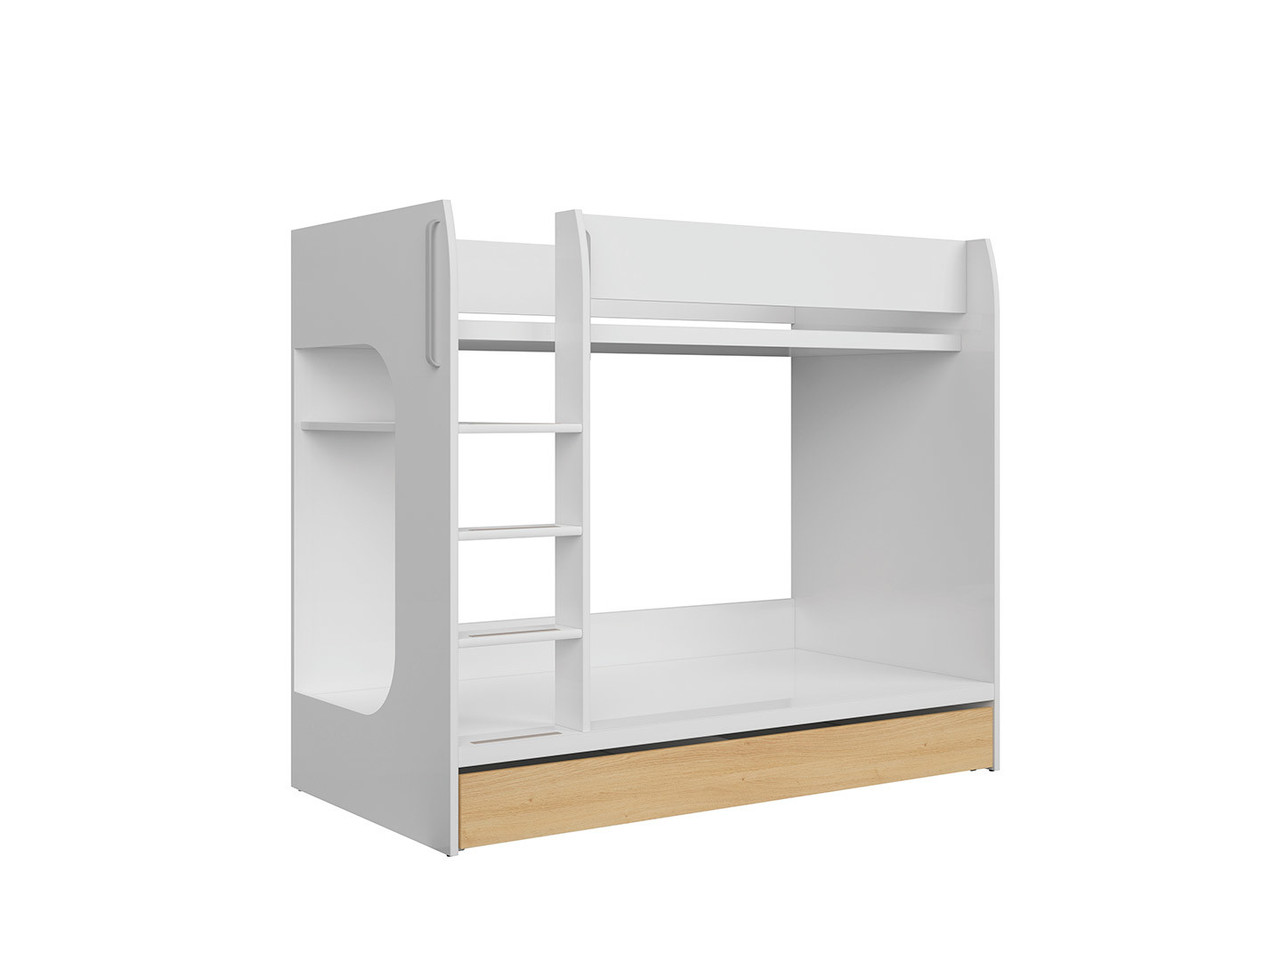 Princeton łóżko pietrowe  S406-LOZ1S/90P-BIP/DP (BRW)